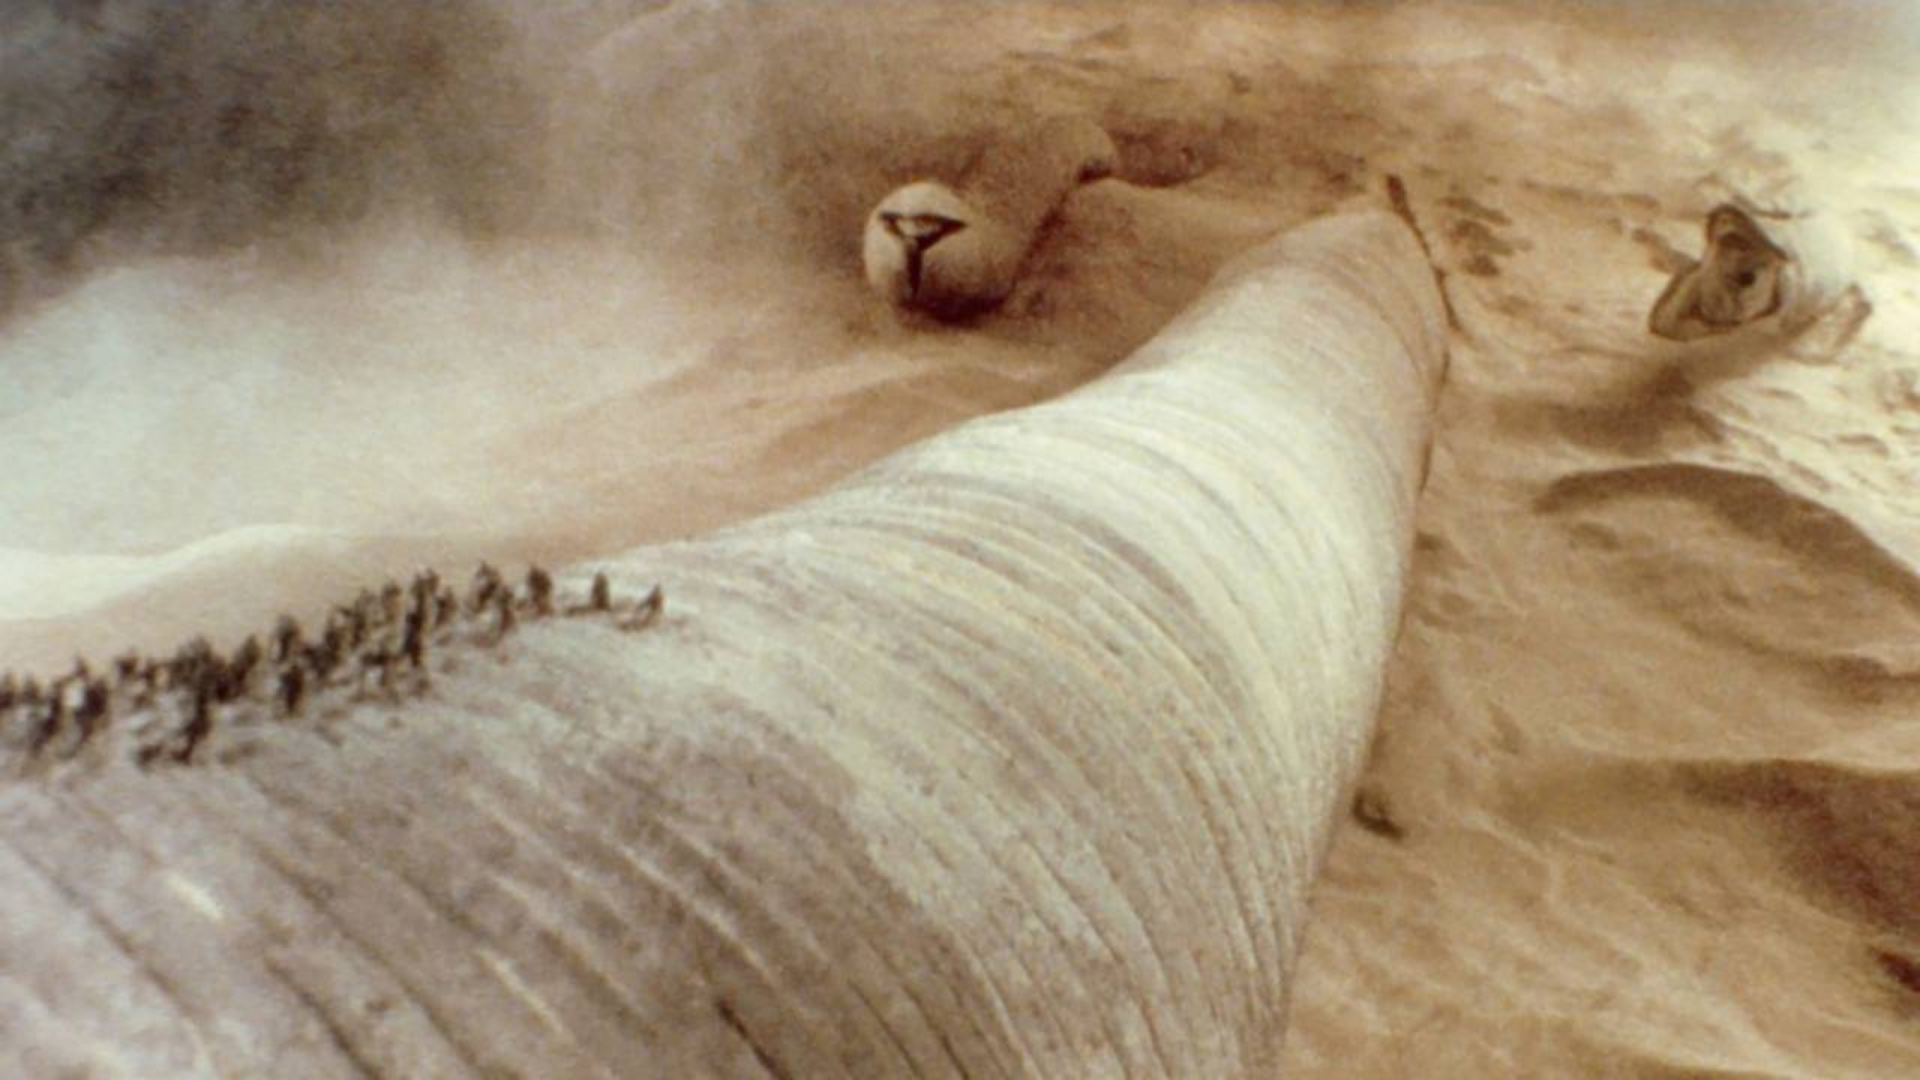 沙漠中暗藏恐怖沙虫,体长500米,一口就能吞噬整个矿场!速看经典科幻小说改编的电影《沙丘》